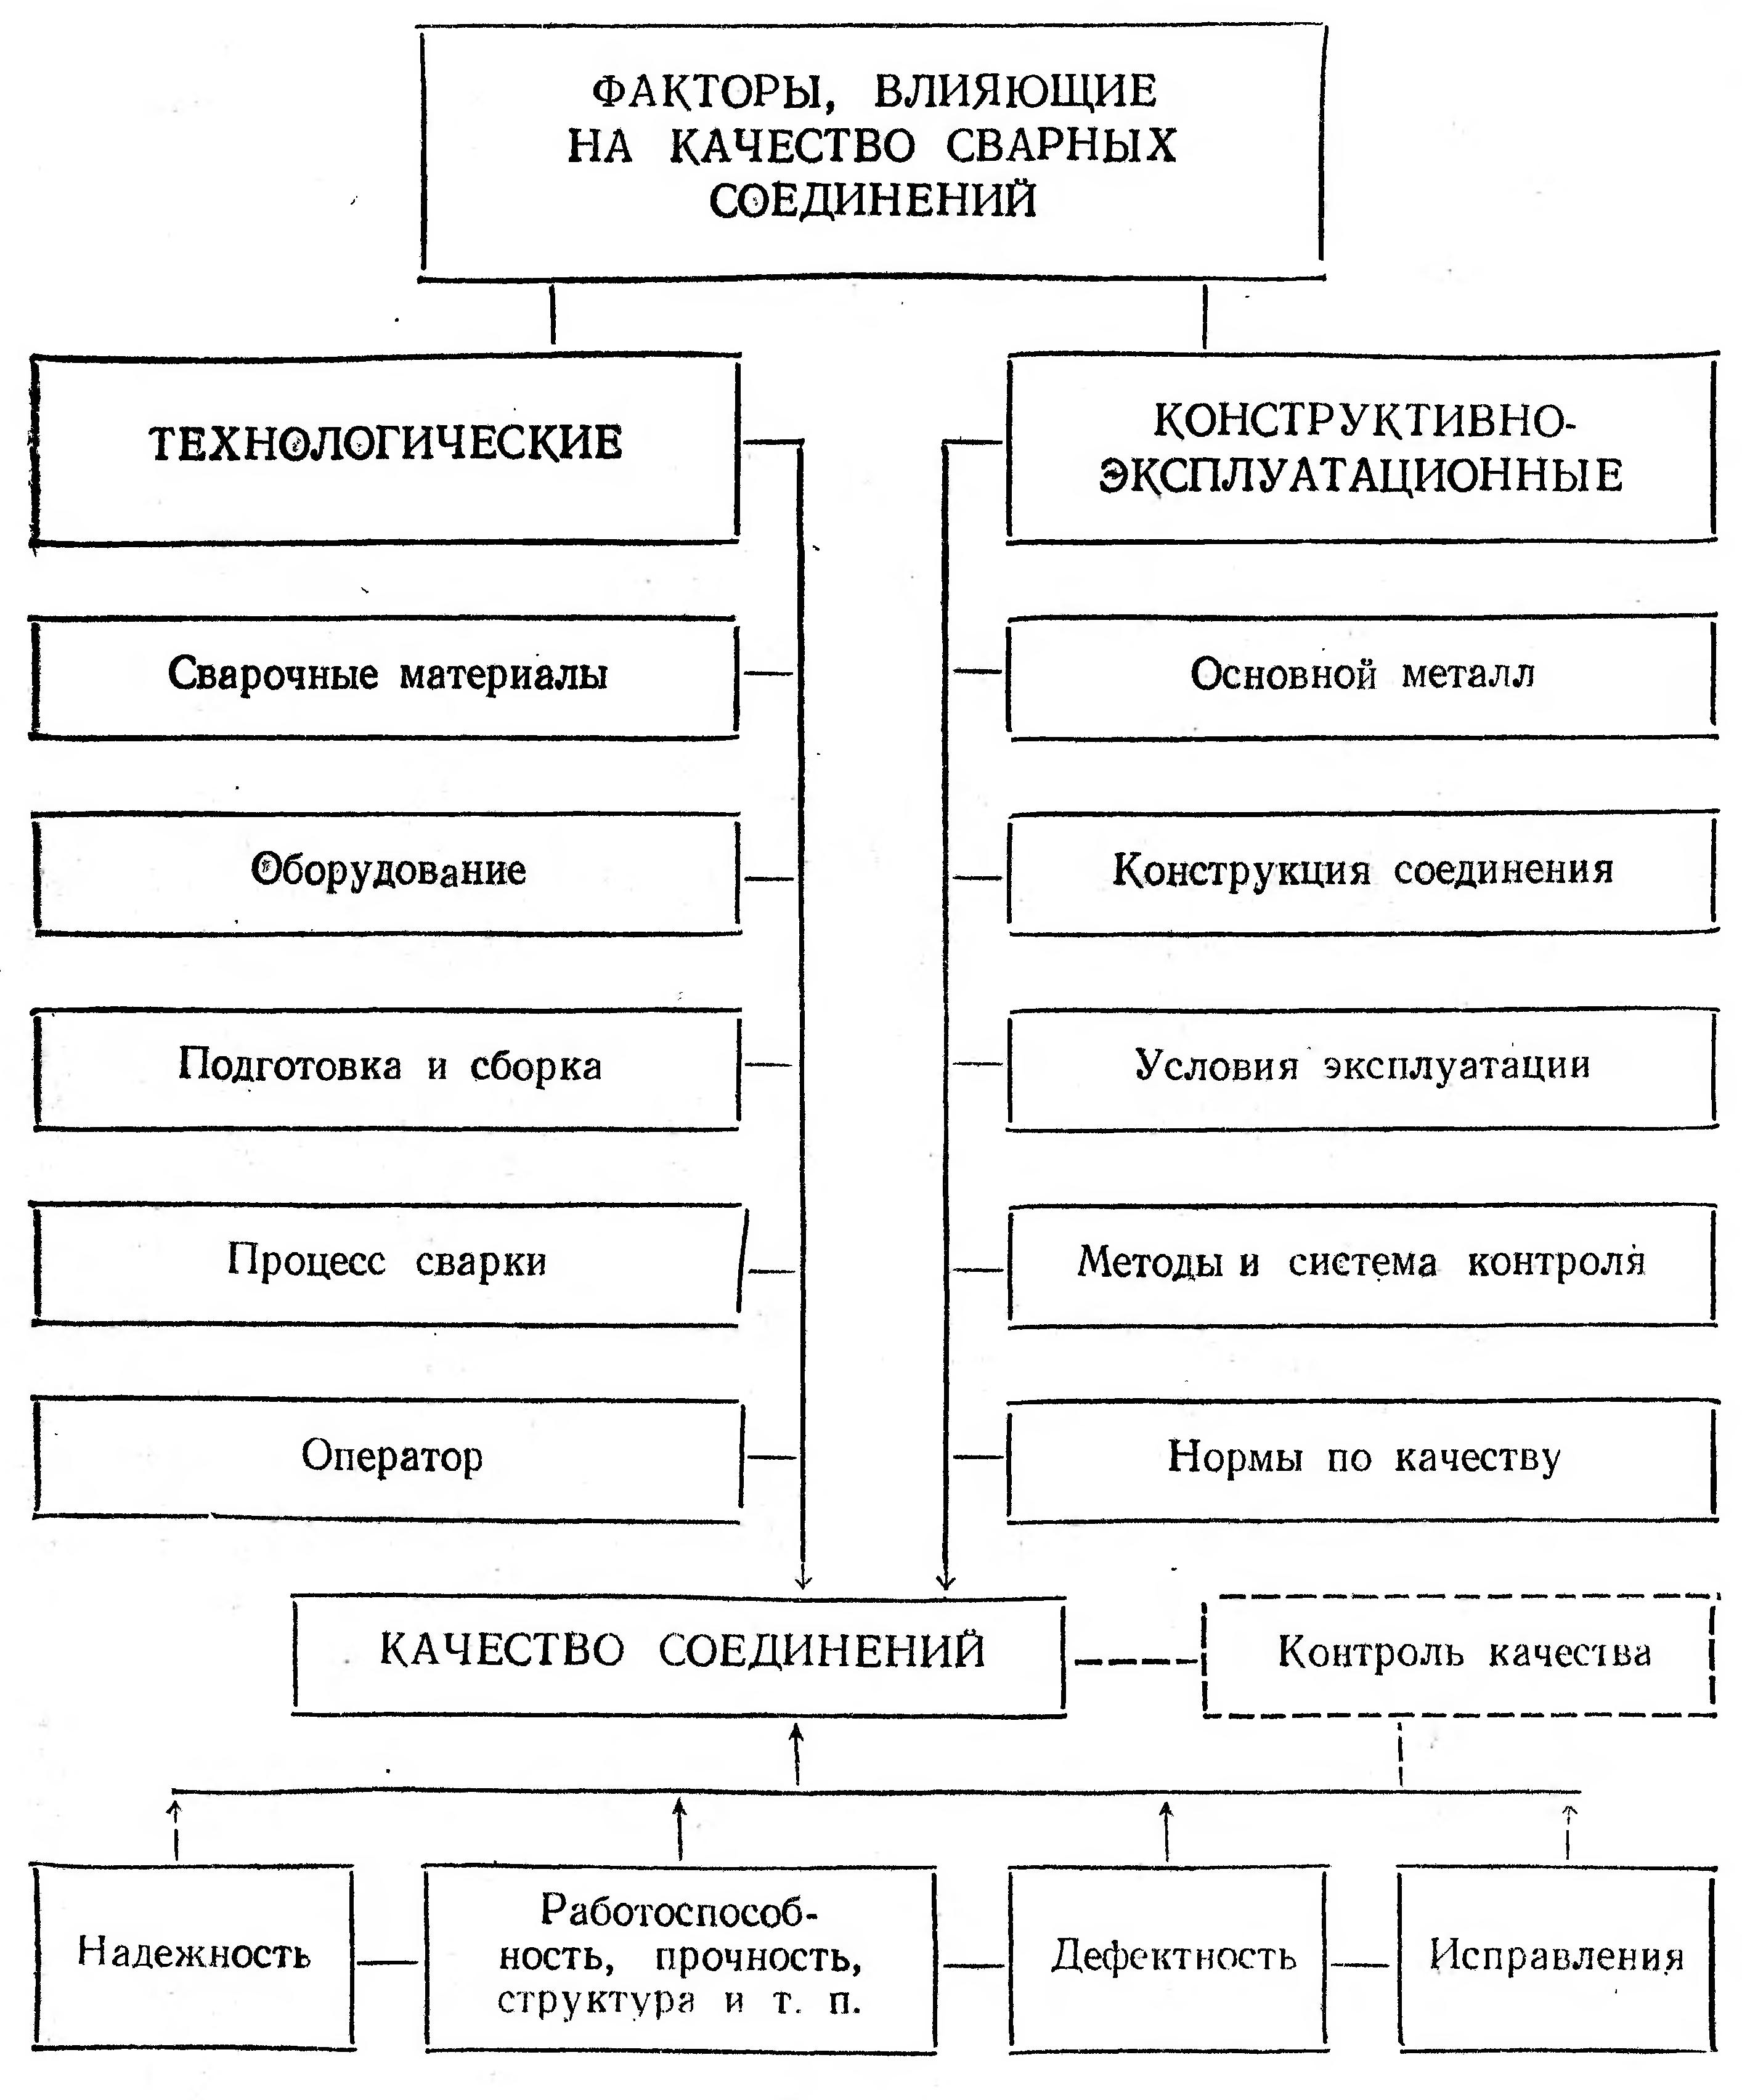 Методы контроля качества сварных швов и соединений